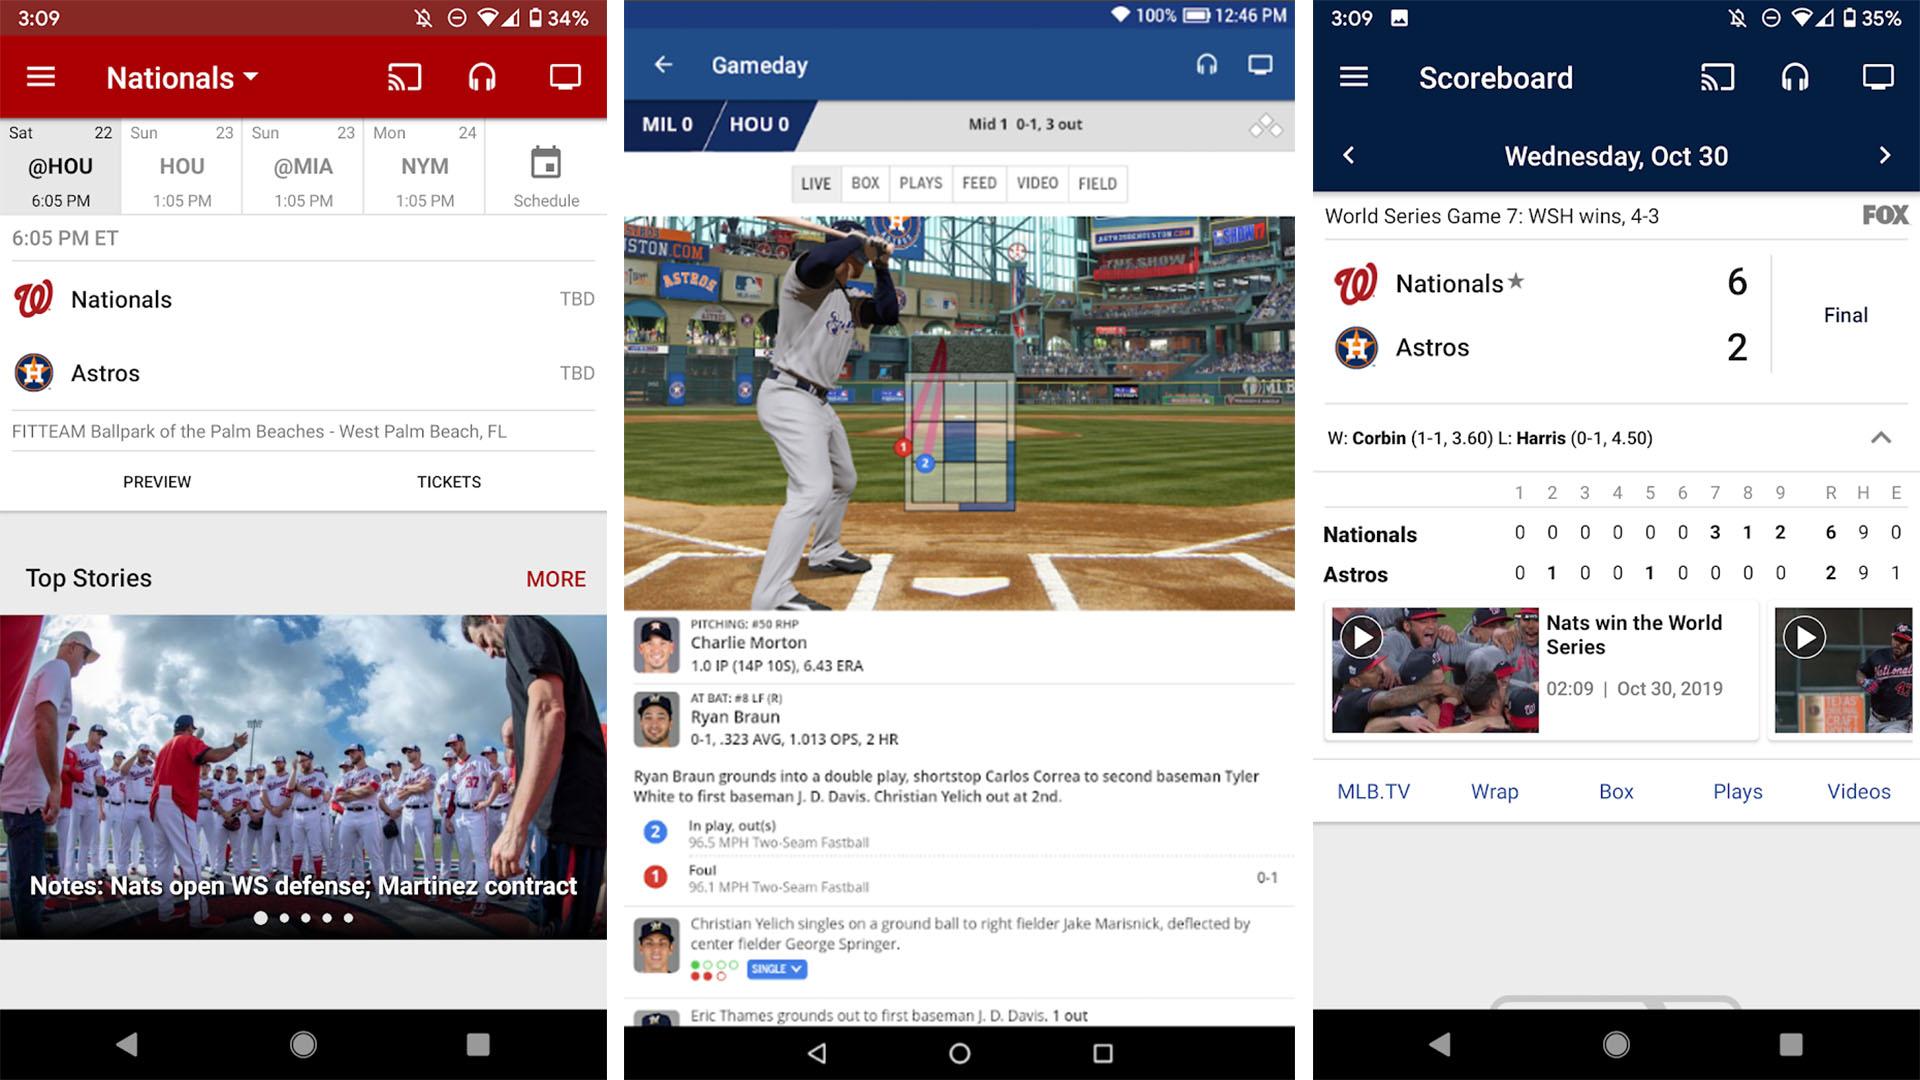 MLB At Bat screenshot 2021